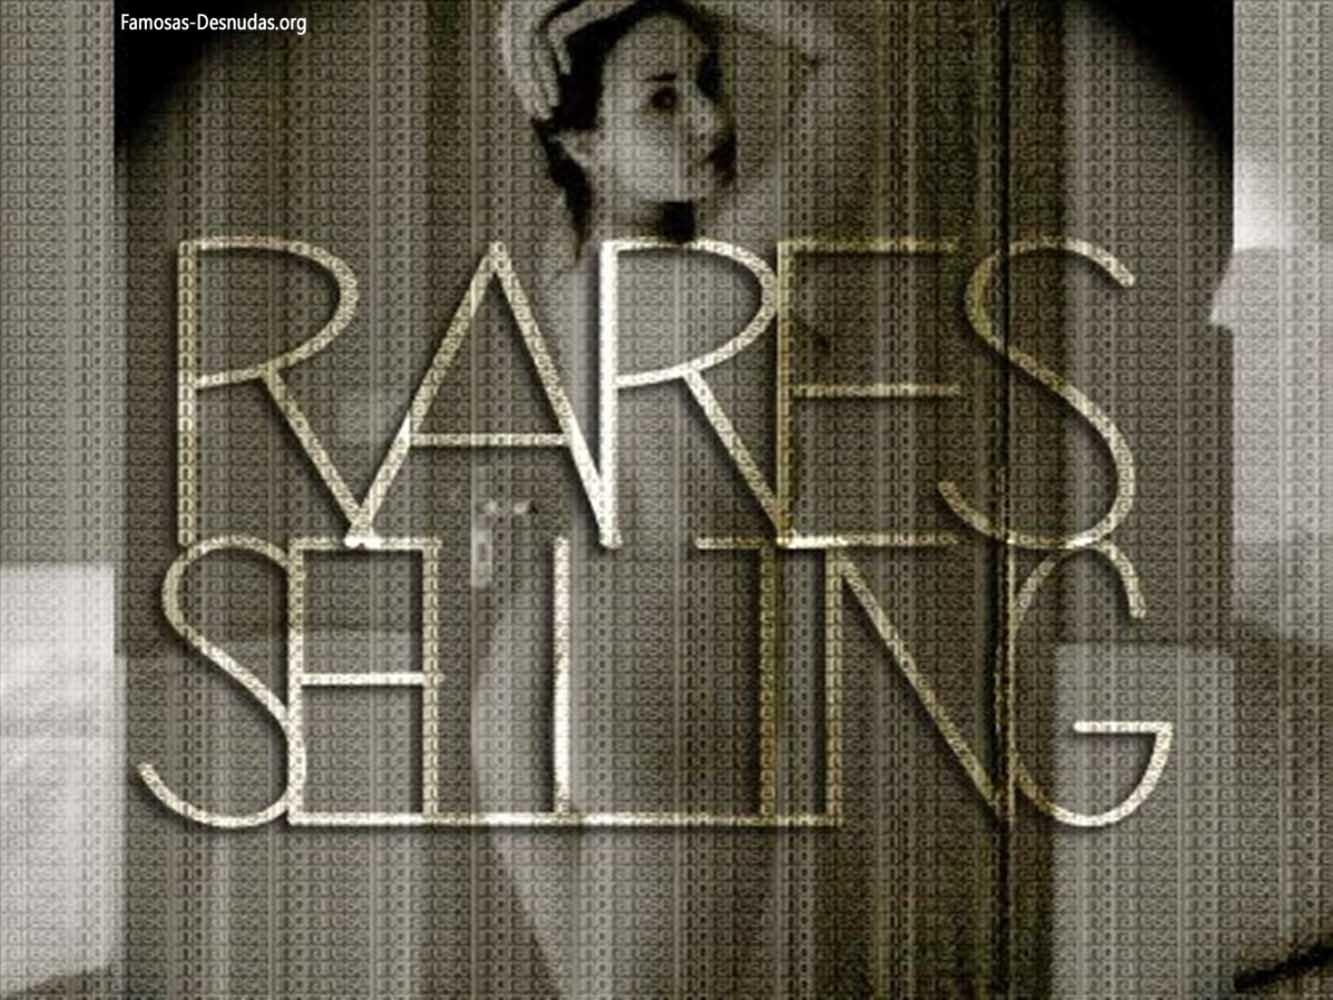 Demi Lovato xxx Fotos Hackeadas de su Movil -famosas-desnudas-celebrity-porn-descuidos-cantantes-top-imagenes-celebridades-sin-ropa (14)